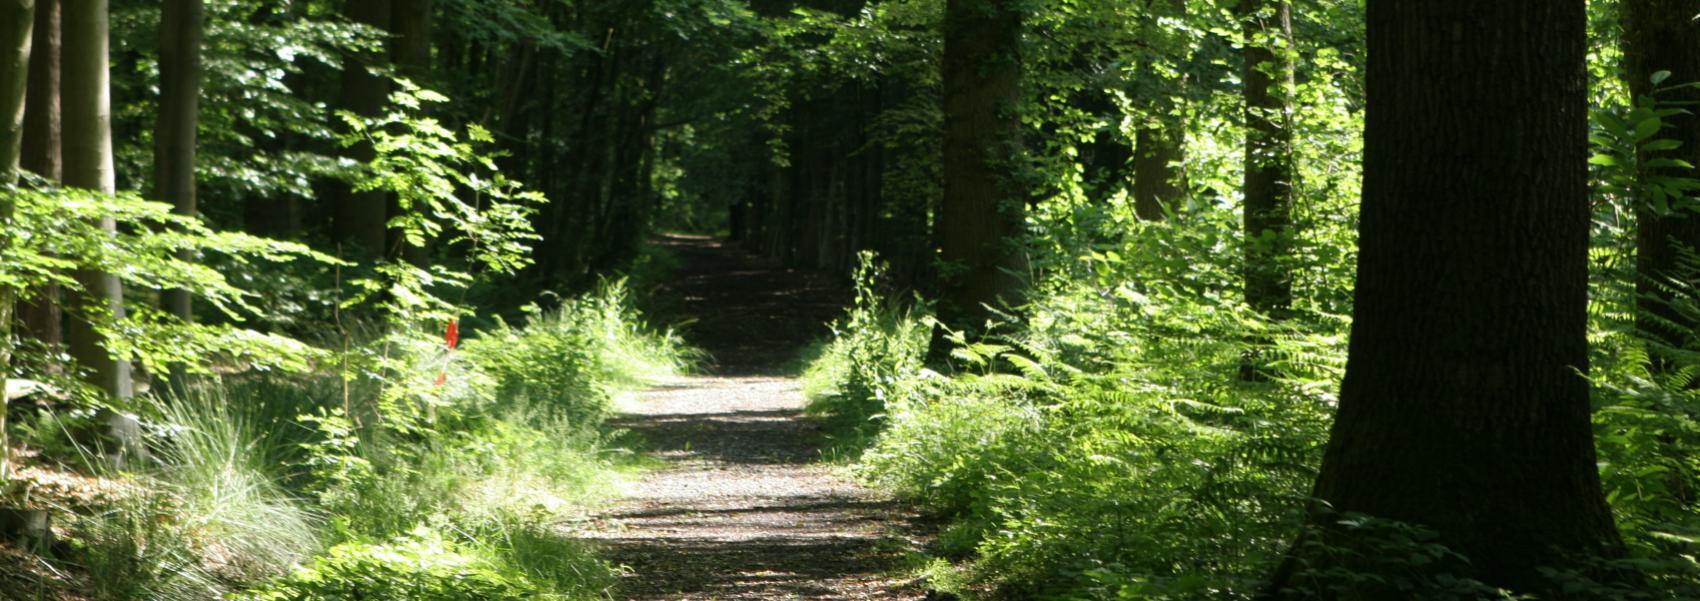 dreef in het bos